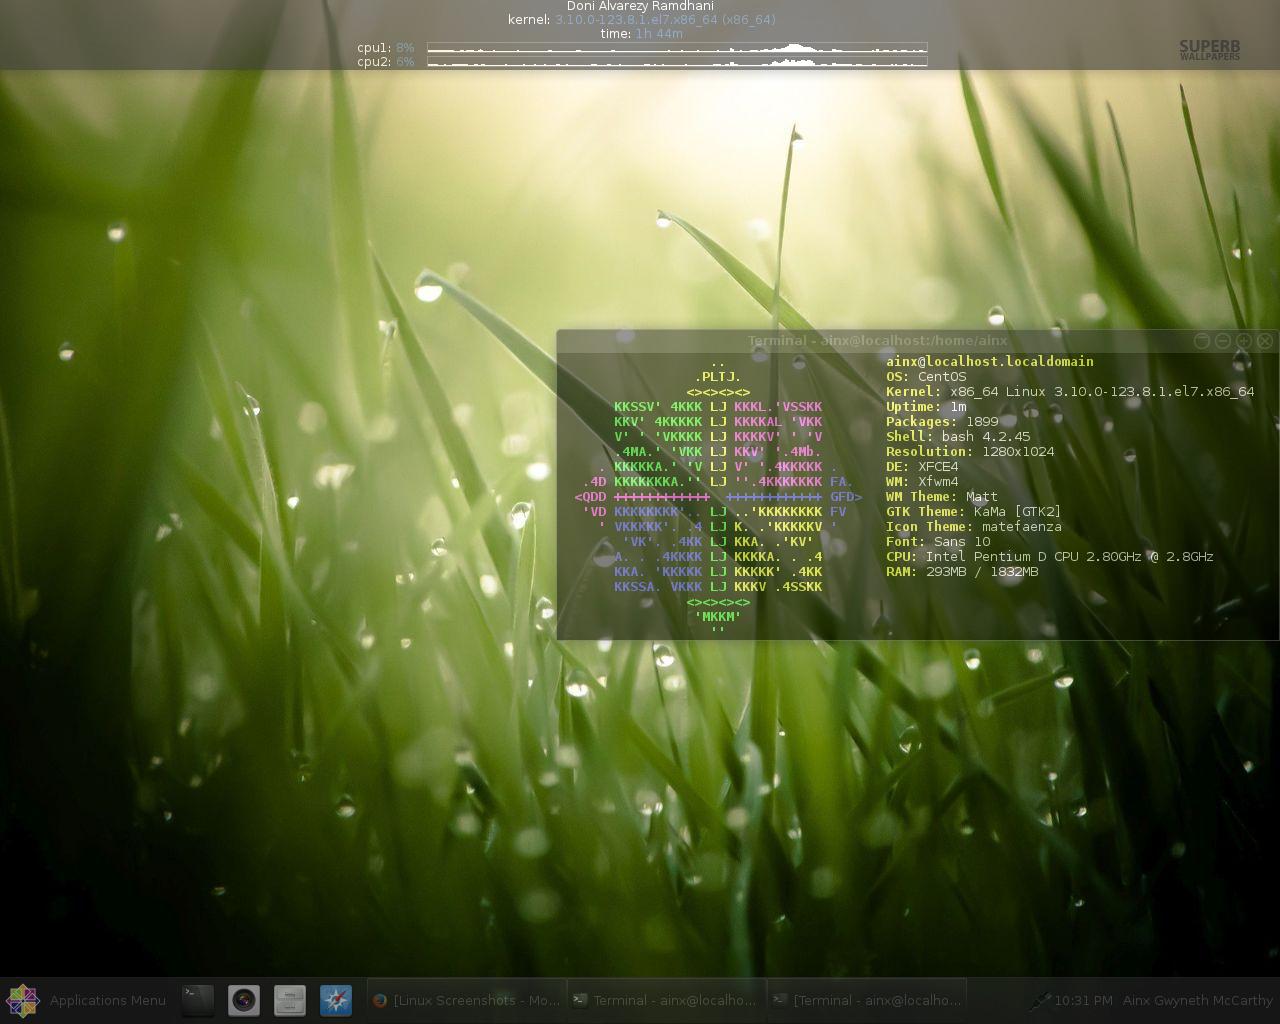 MANUSCRIPTS: Install Google Chrome di CentOS 7 (x86_64)